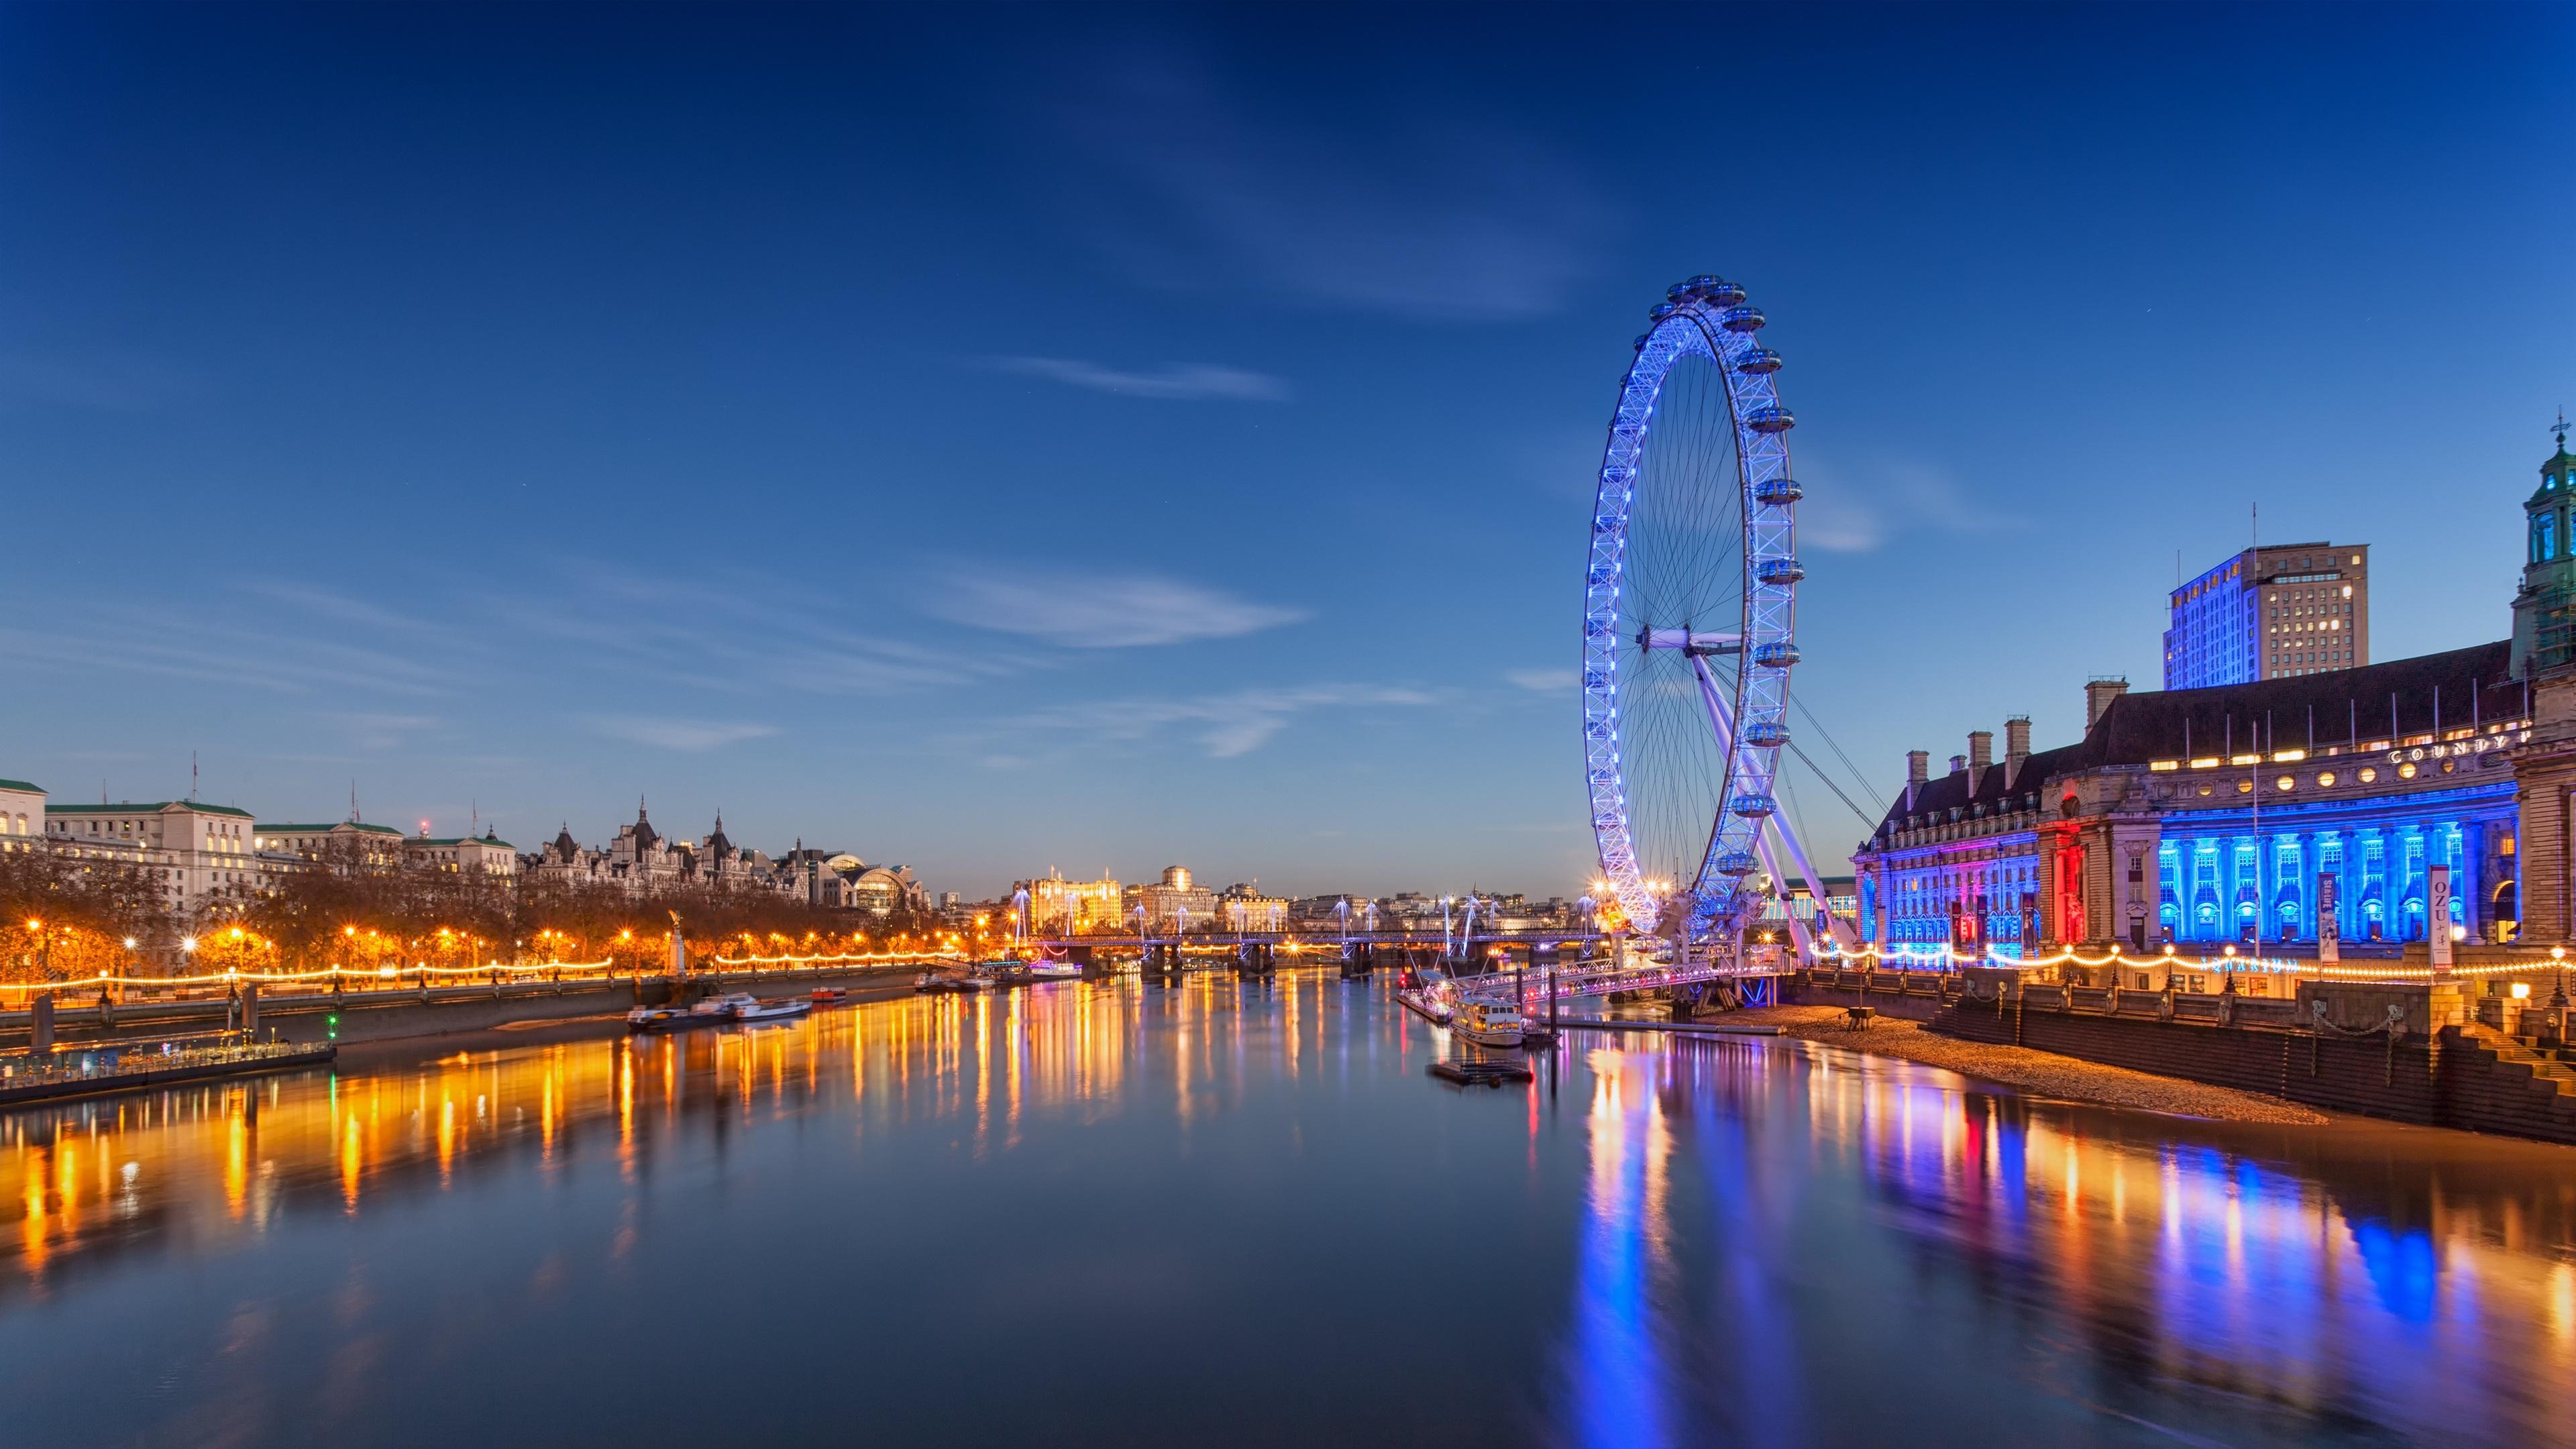 런던 호텔 호스텔 숙박 시설 영국 런던 패스 예약 전세계 최저가